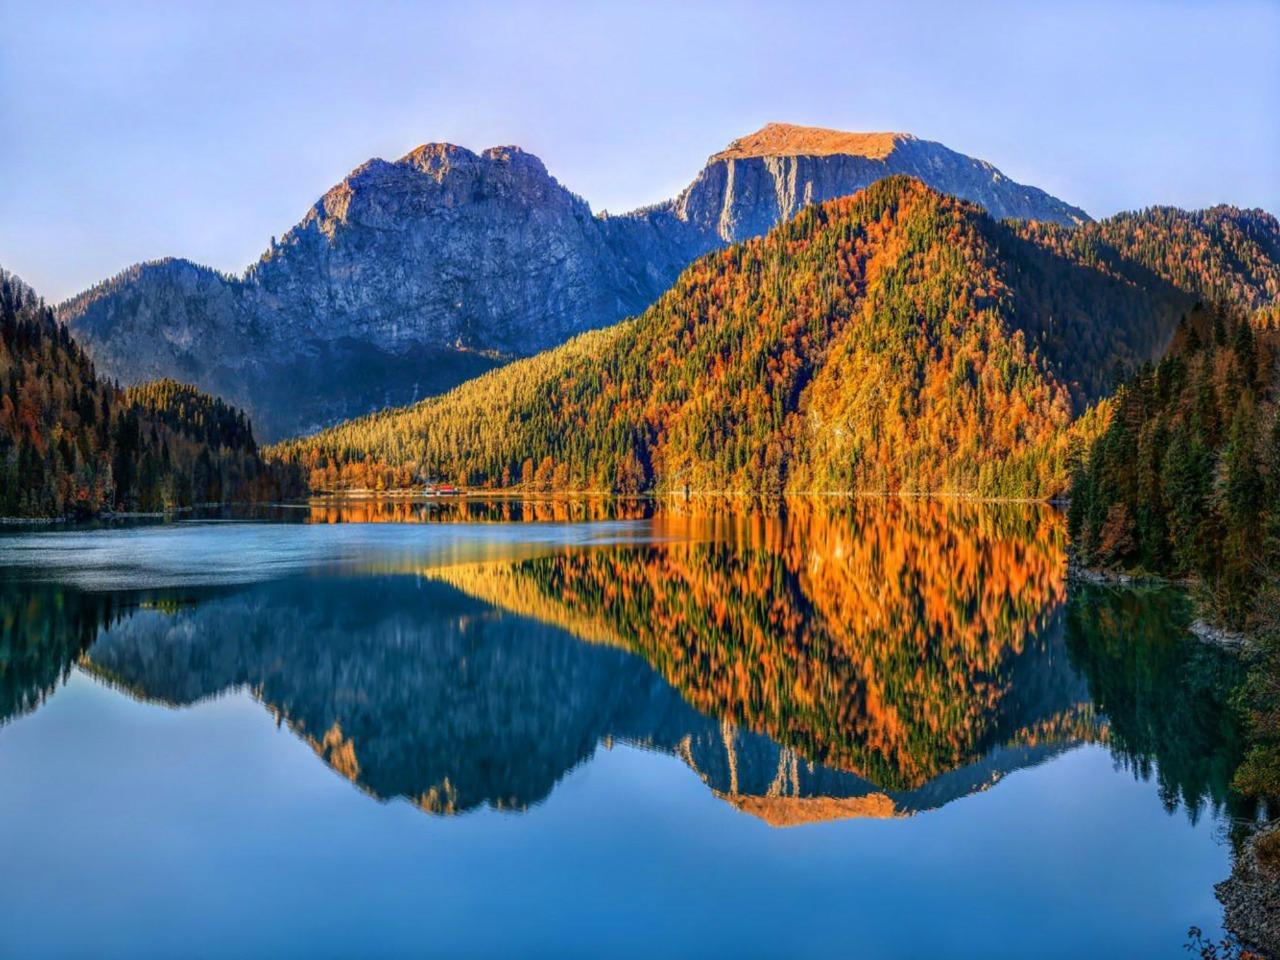 Красота абхазских гор: день, полный впечатлений! - индивидуальная экскурсия в Гаграх от опытного гида